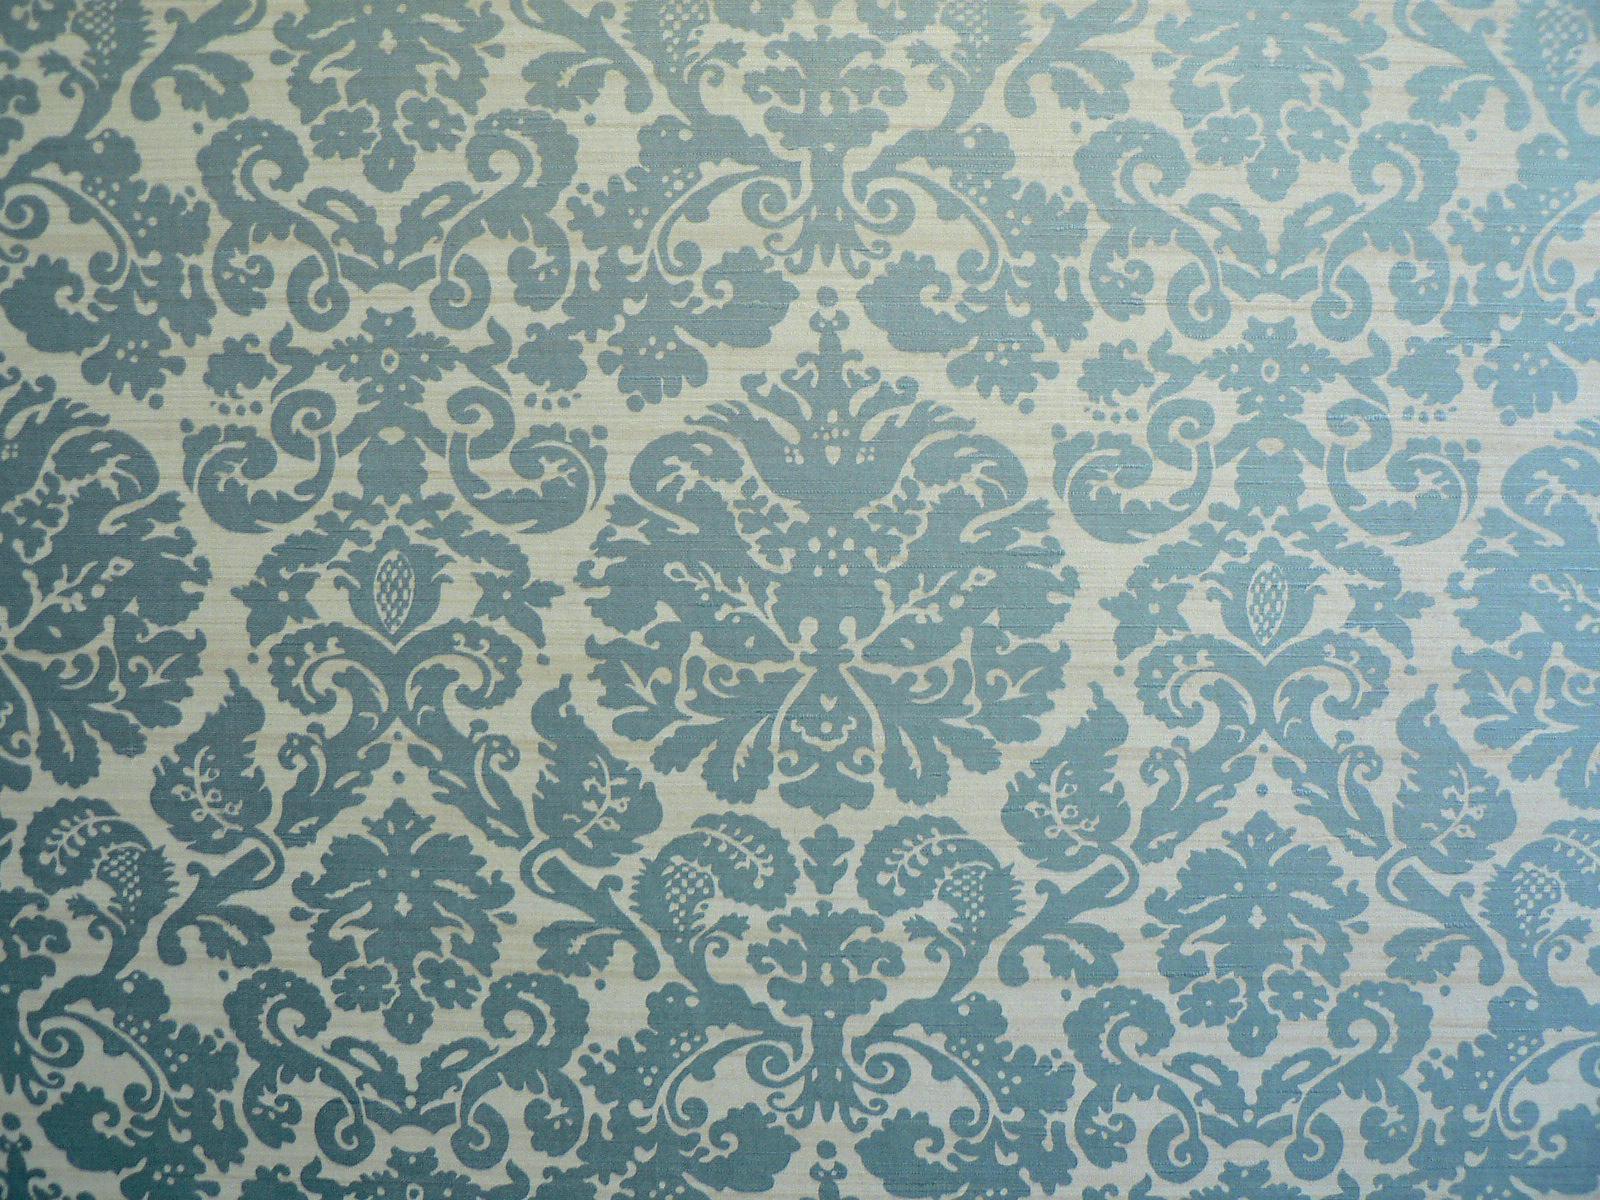 50+] Types of Wallpaper Patterns on WallpaperSafari